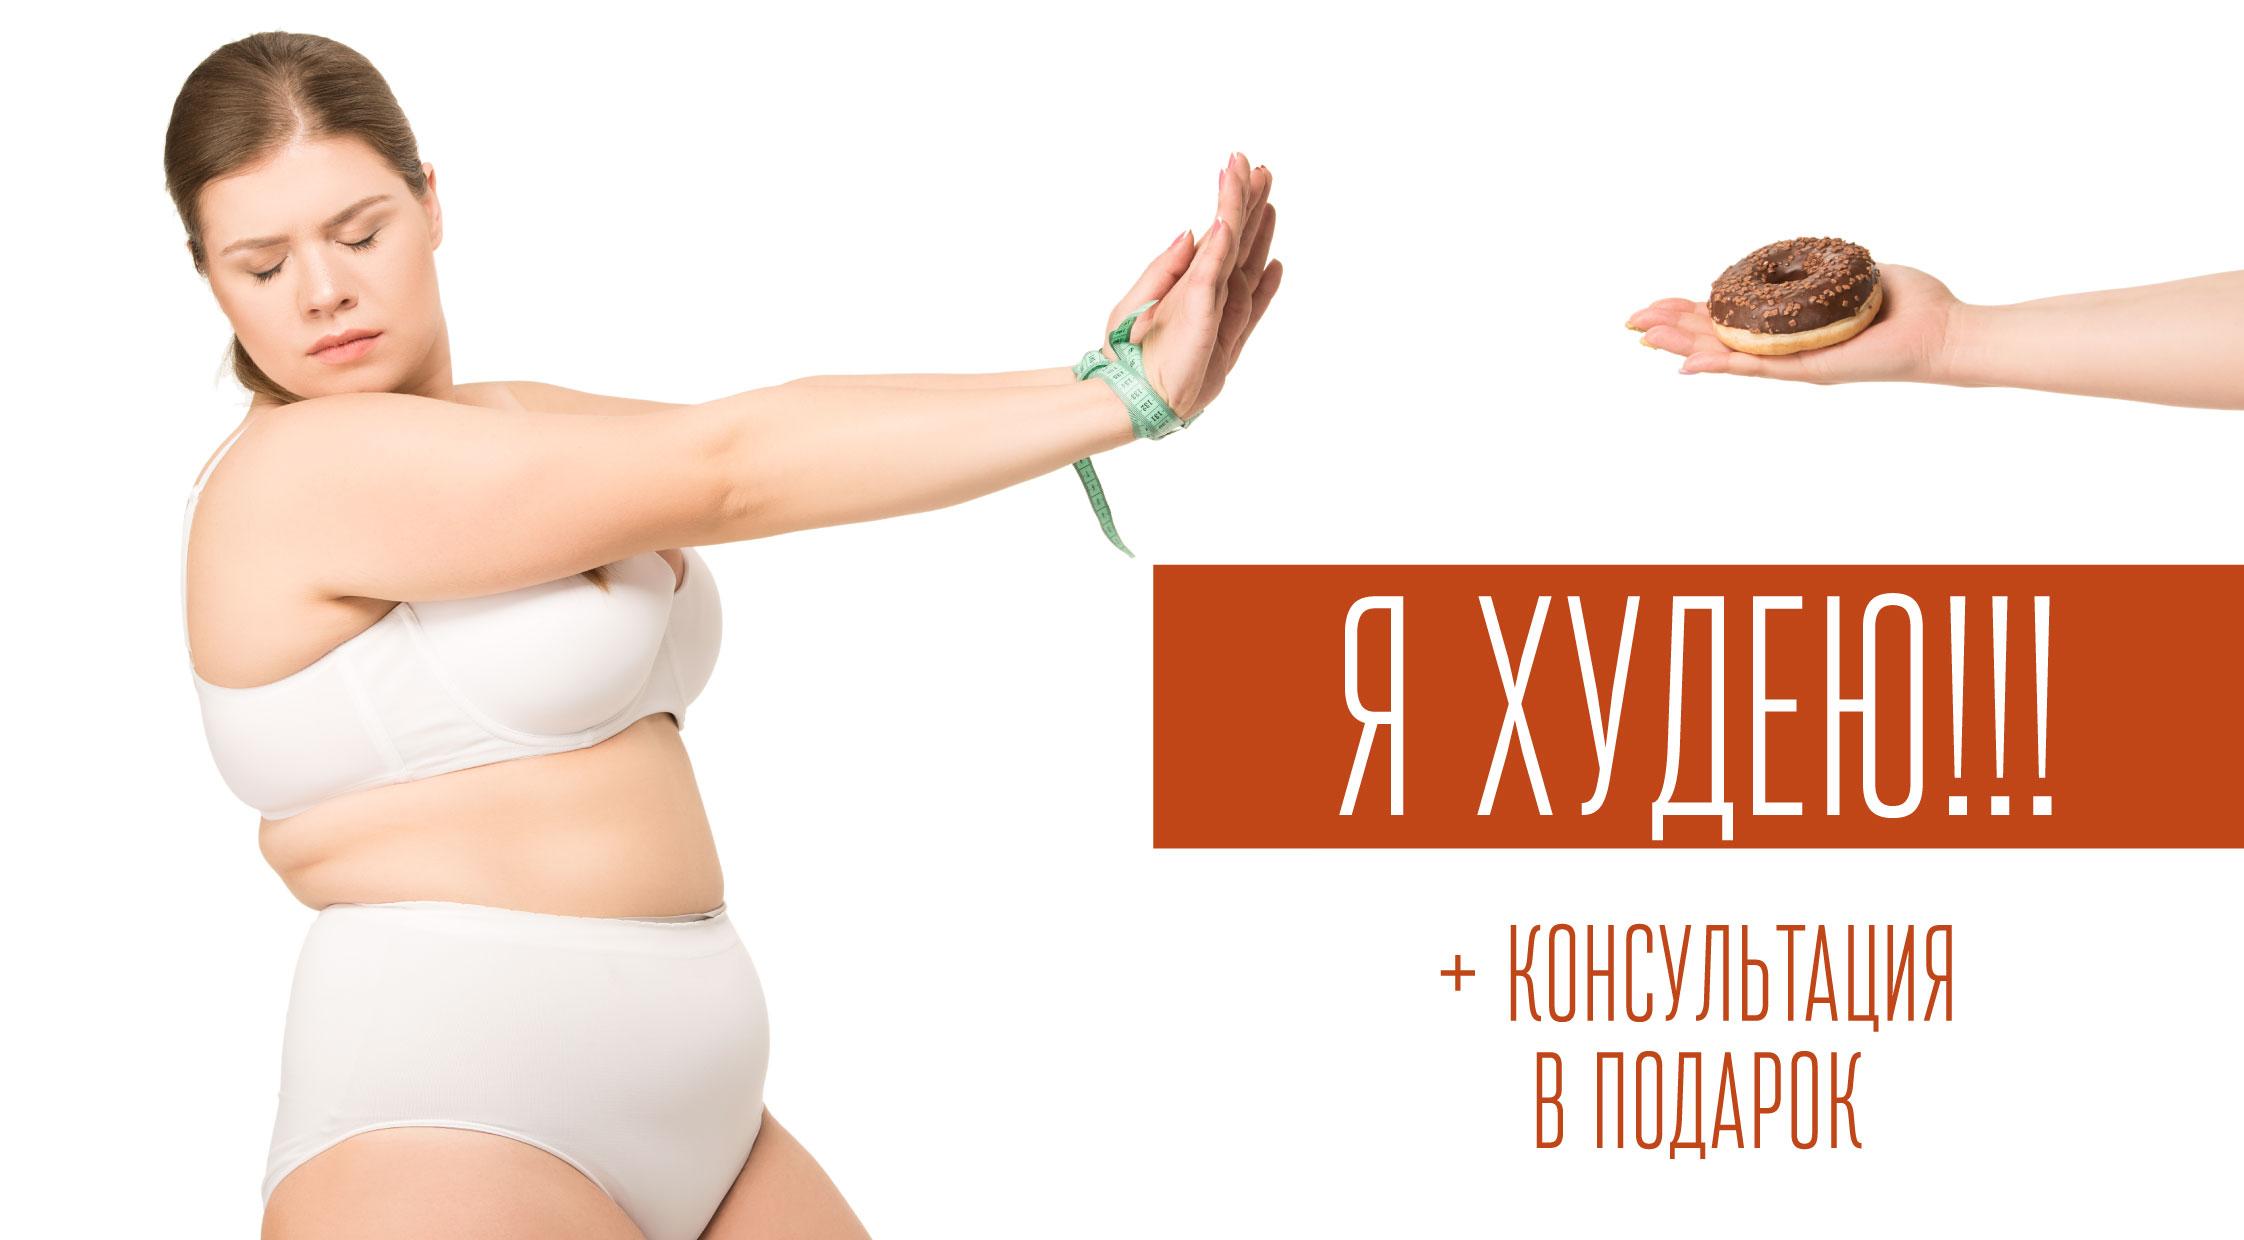 Видео Реклама Похудения.